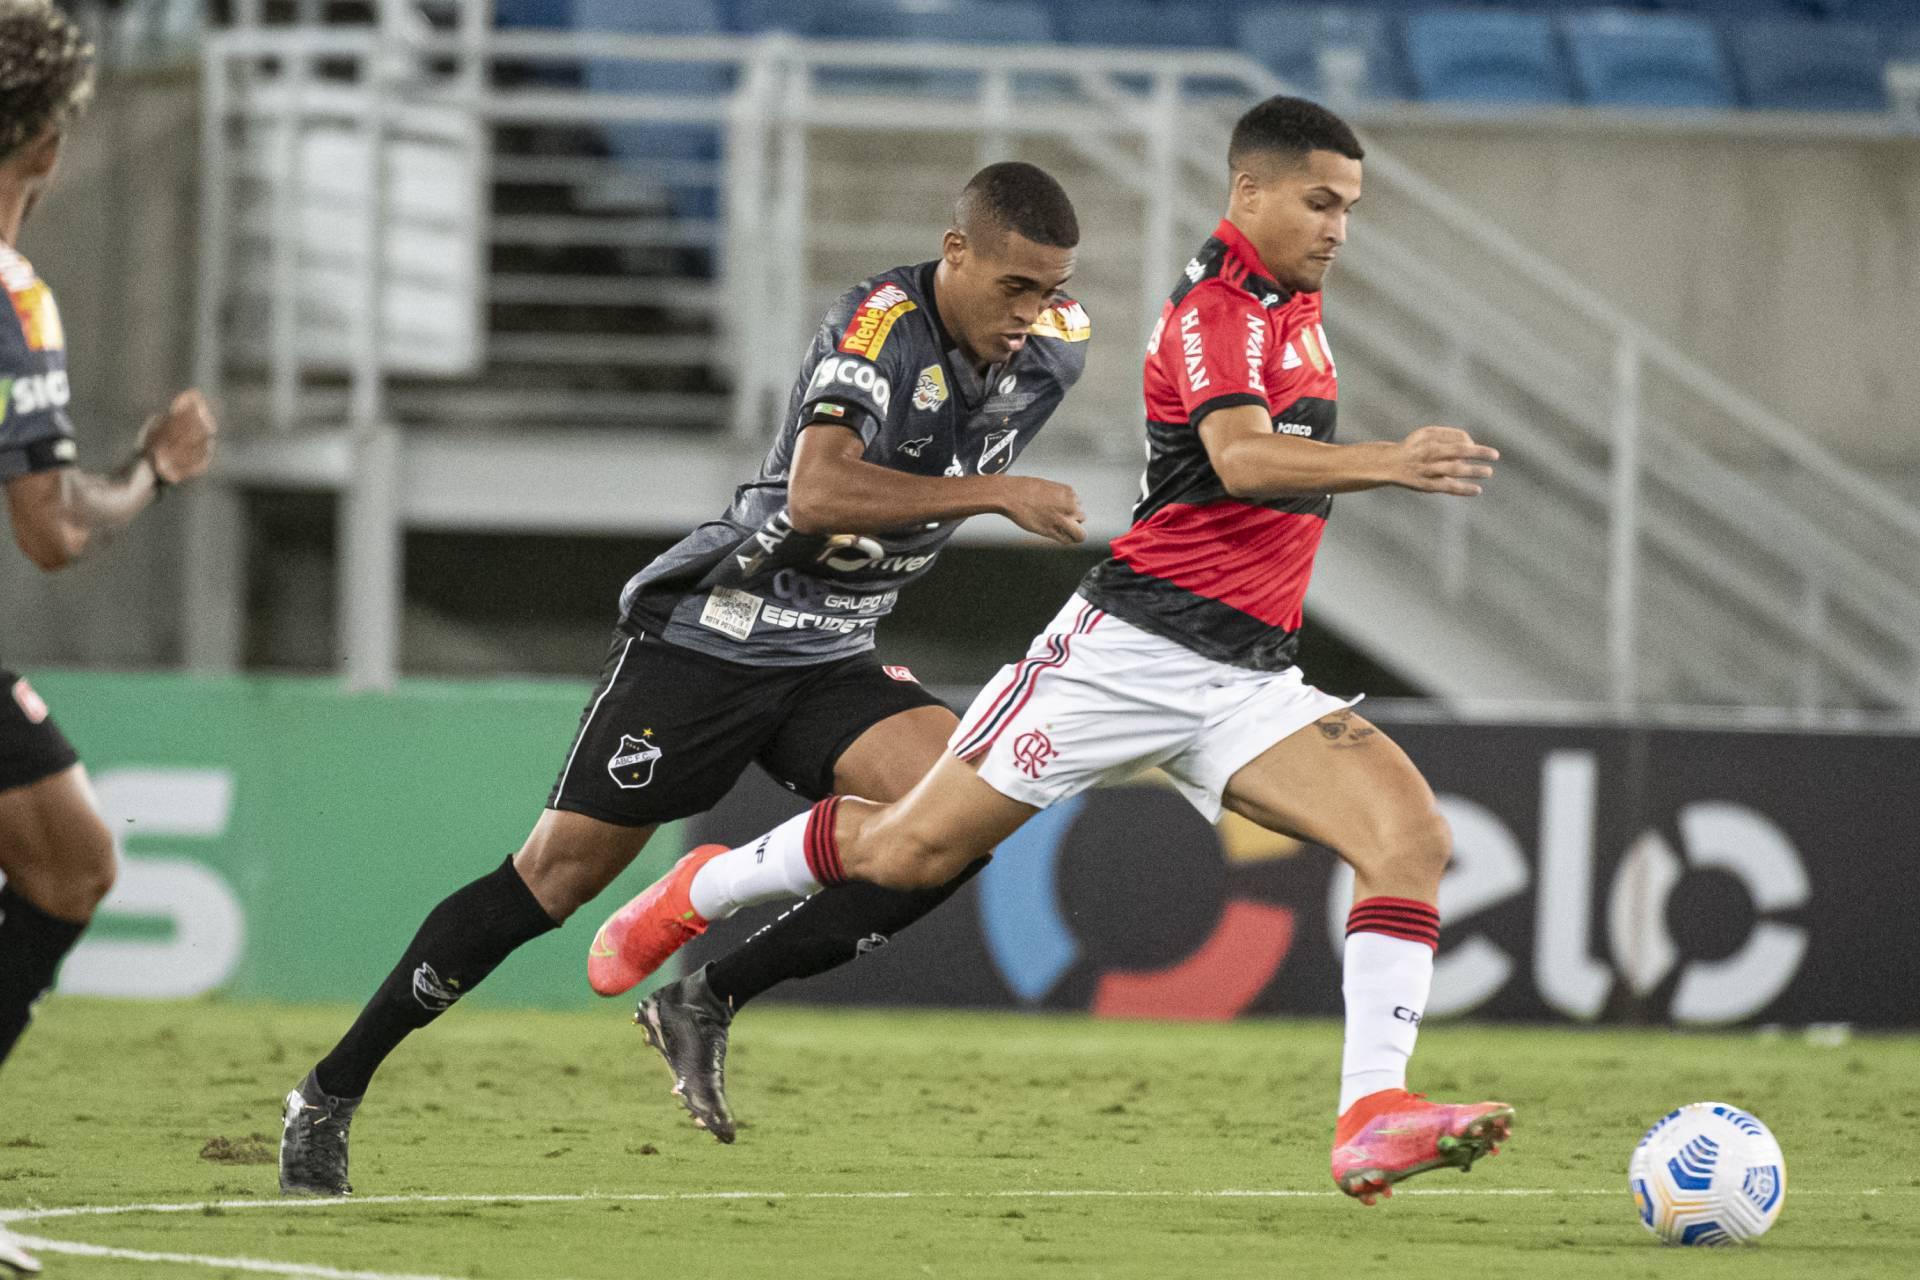 Em jogo com lance polêmico envolvendo o VAR, Flamengo vence o ABC e se classifica na Copa do Brasil. Foto: redacao@odia.com.br (O Dia)